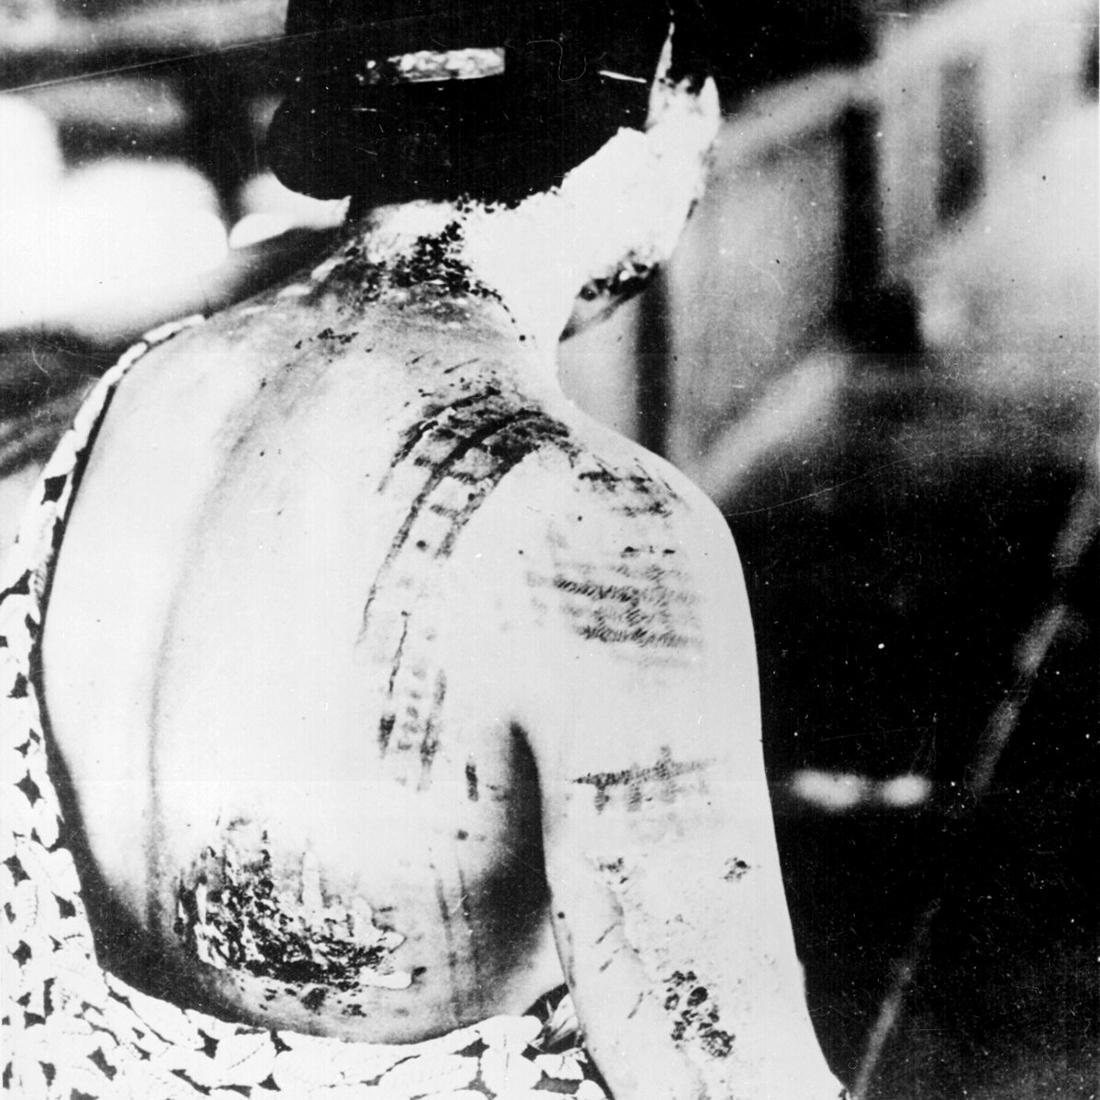 хиросима и нагасаки тени людей фото галереи постоянно совершенствуют